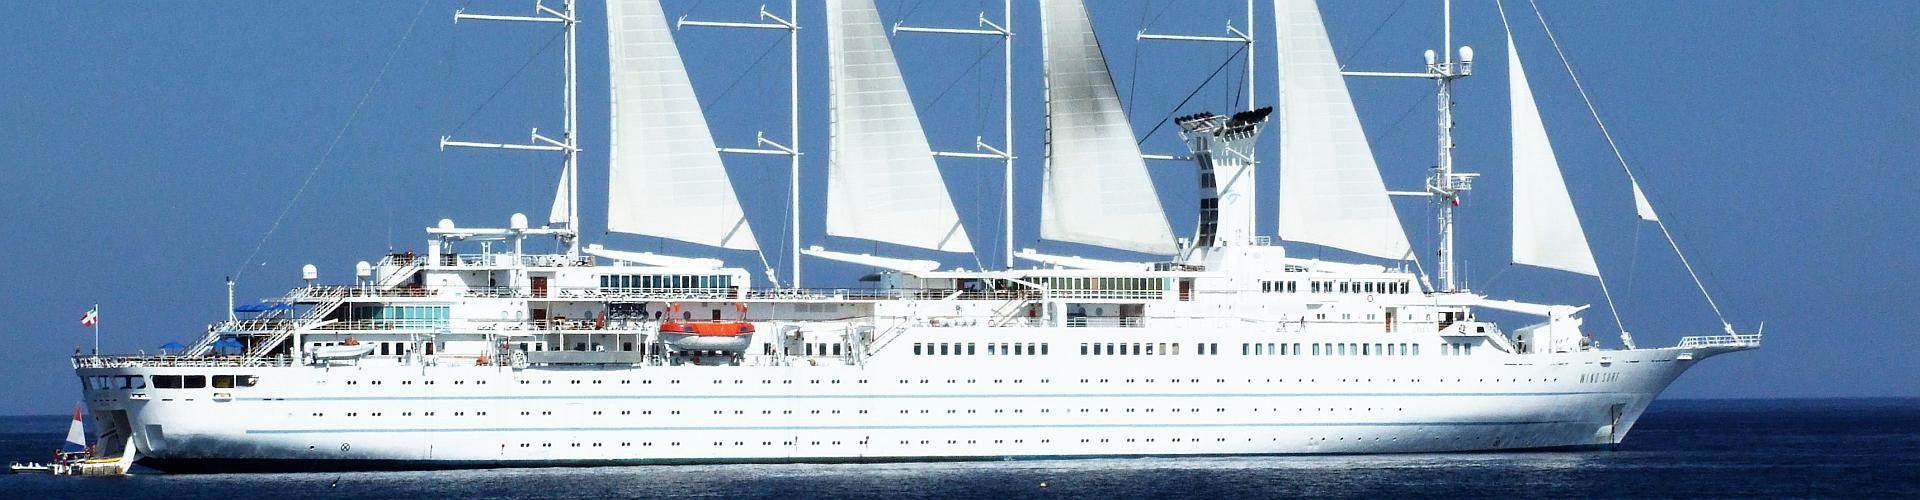 Club Med 2 Segelkreuzfahrt